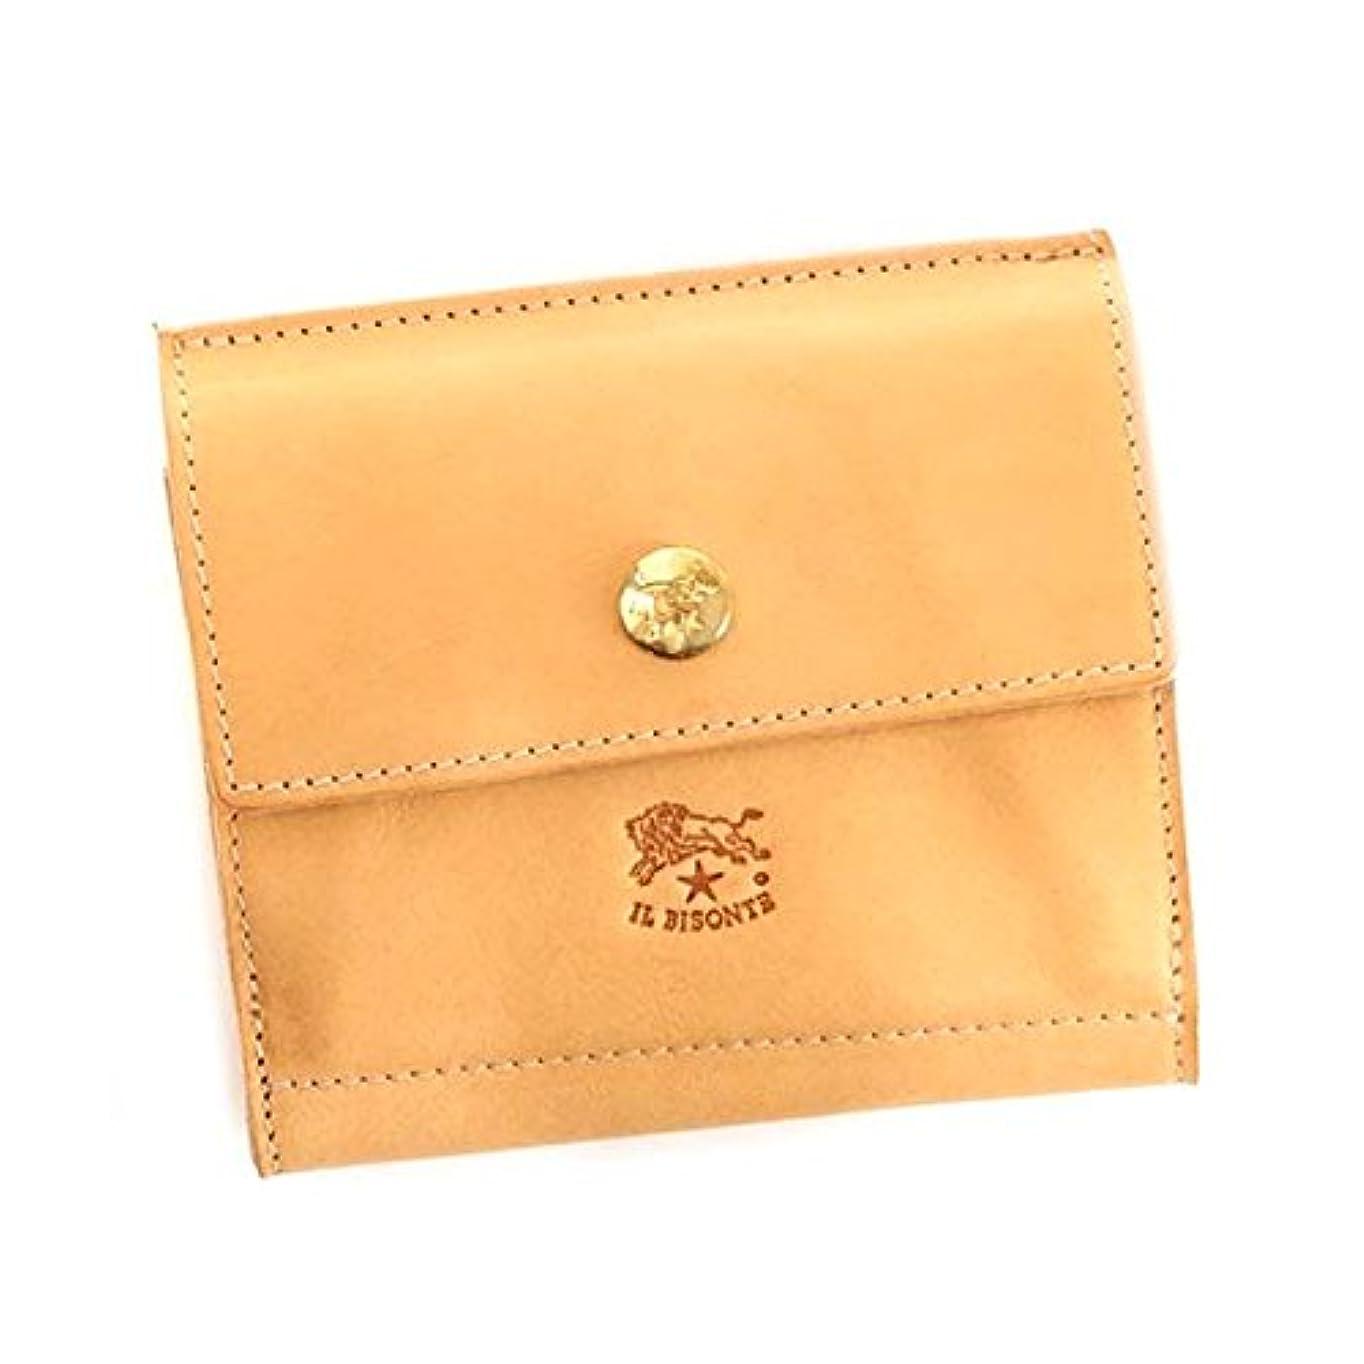 ミッションカタログ敬礼(イルビゾンテ) IL BISONTE メンズ&レディース レザー 二つ折り財布 [並行輸入品]